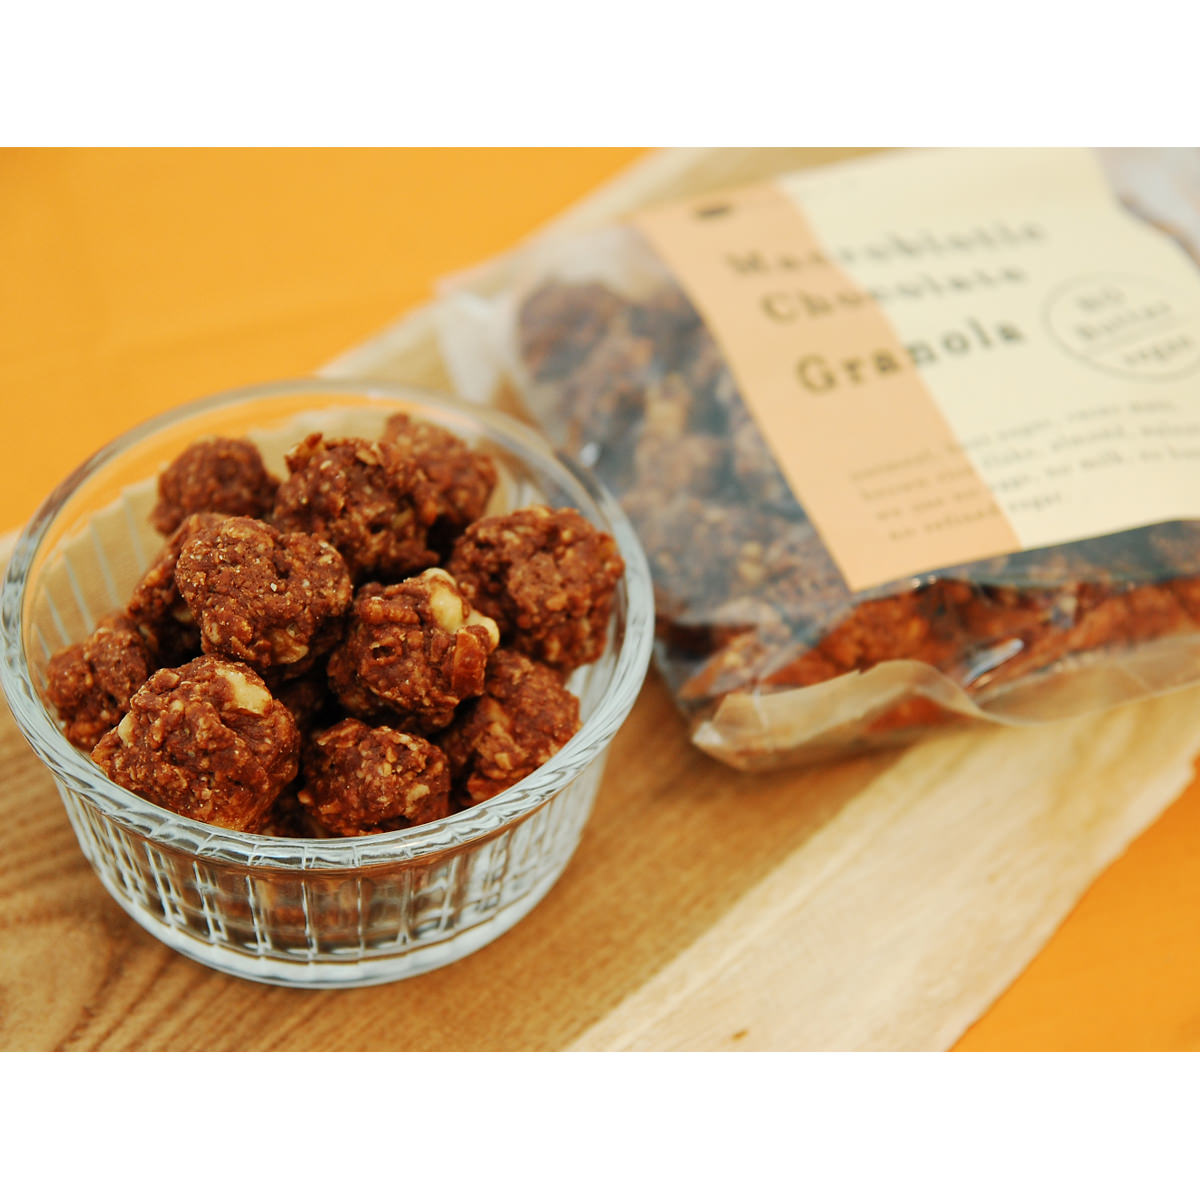 チョコレートグラノーラ 8個 〔90g×8〕 東京都 砂糖不使用 ヴィーガン 焼菓子 チャヤ マクロビオティックス